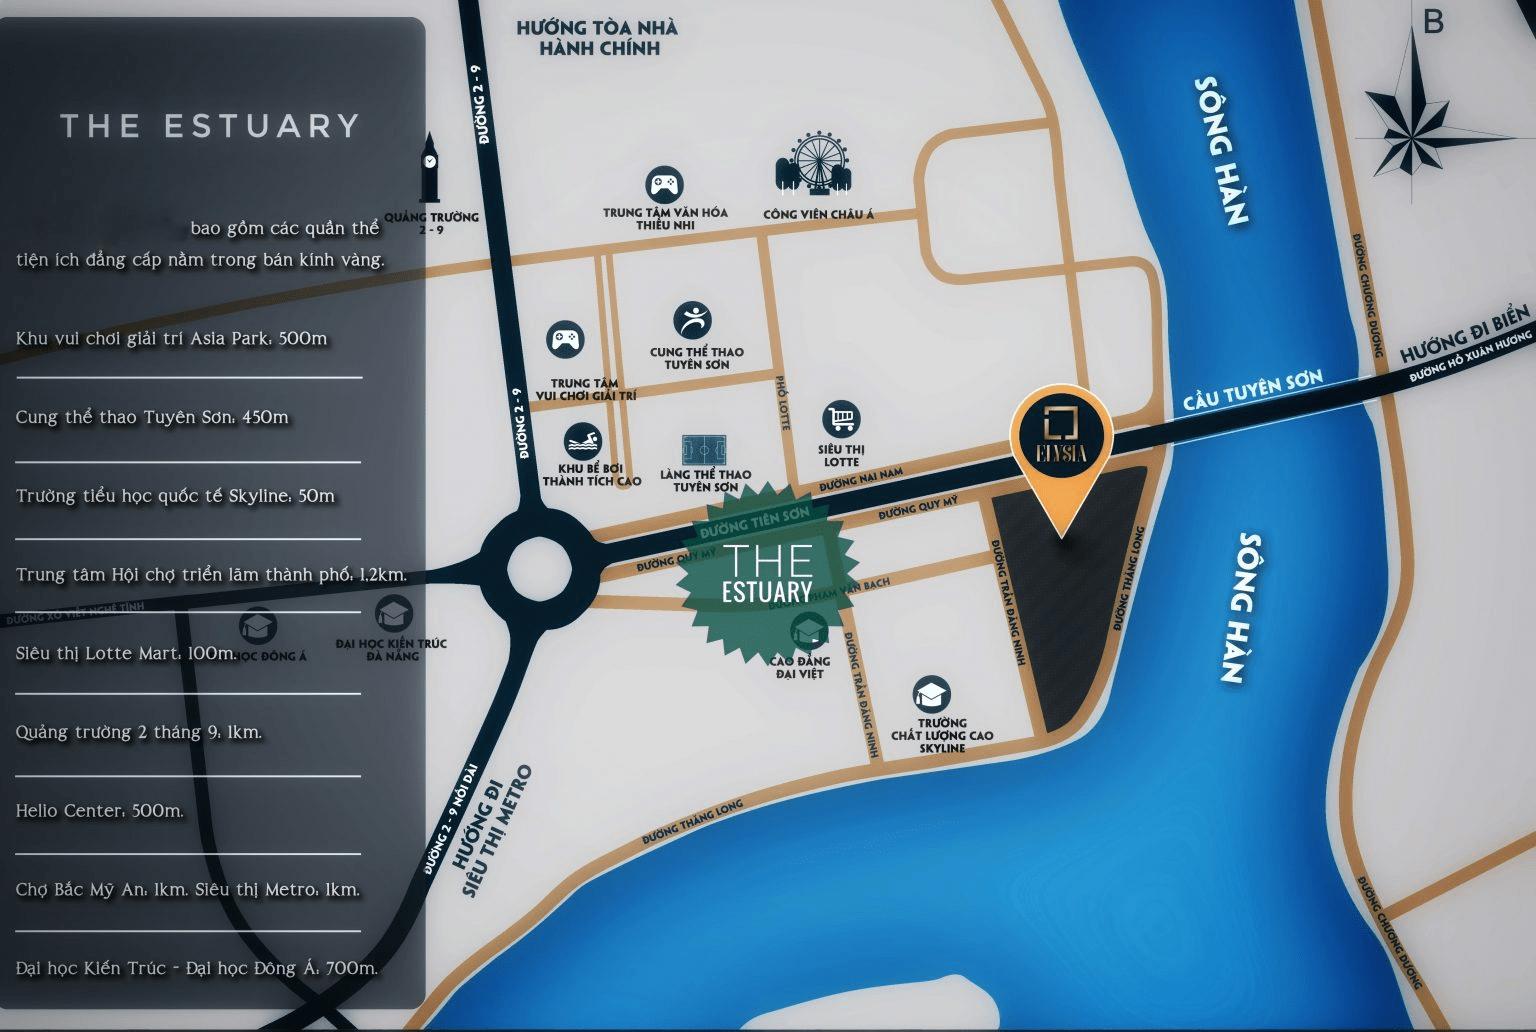 Vị trí Dự Án Căn Hộ The Estuary Đà Nẵng